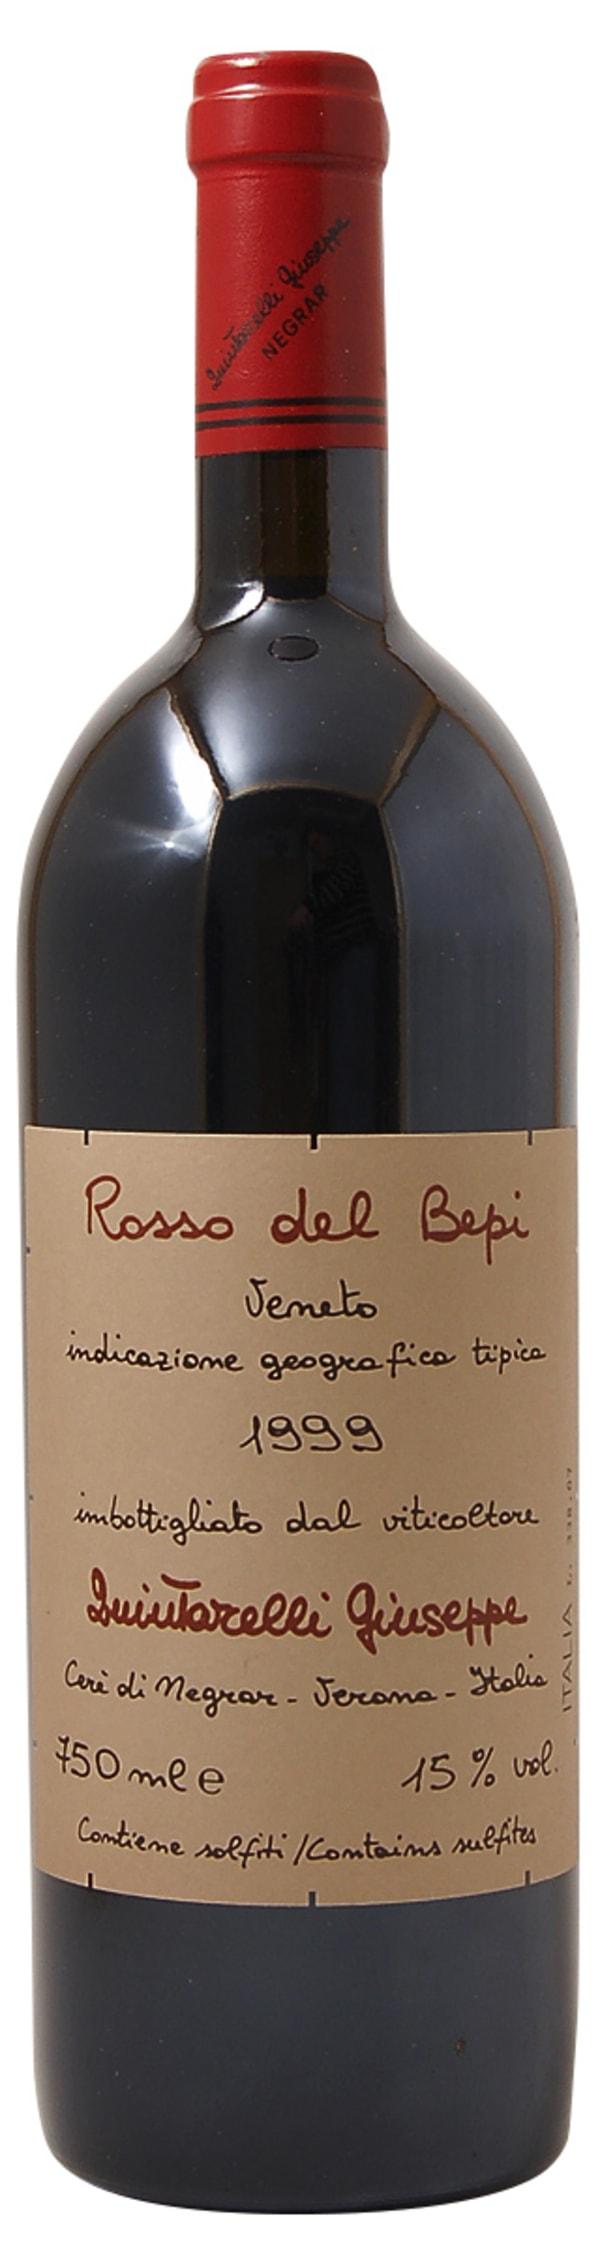 Giuseppe Quintarelli Rosso del Bepi 2008